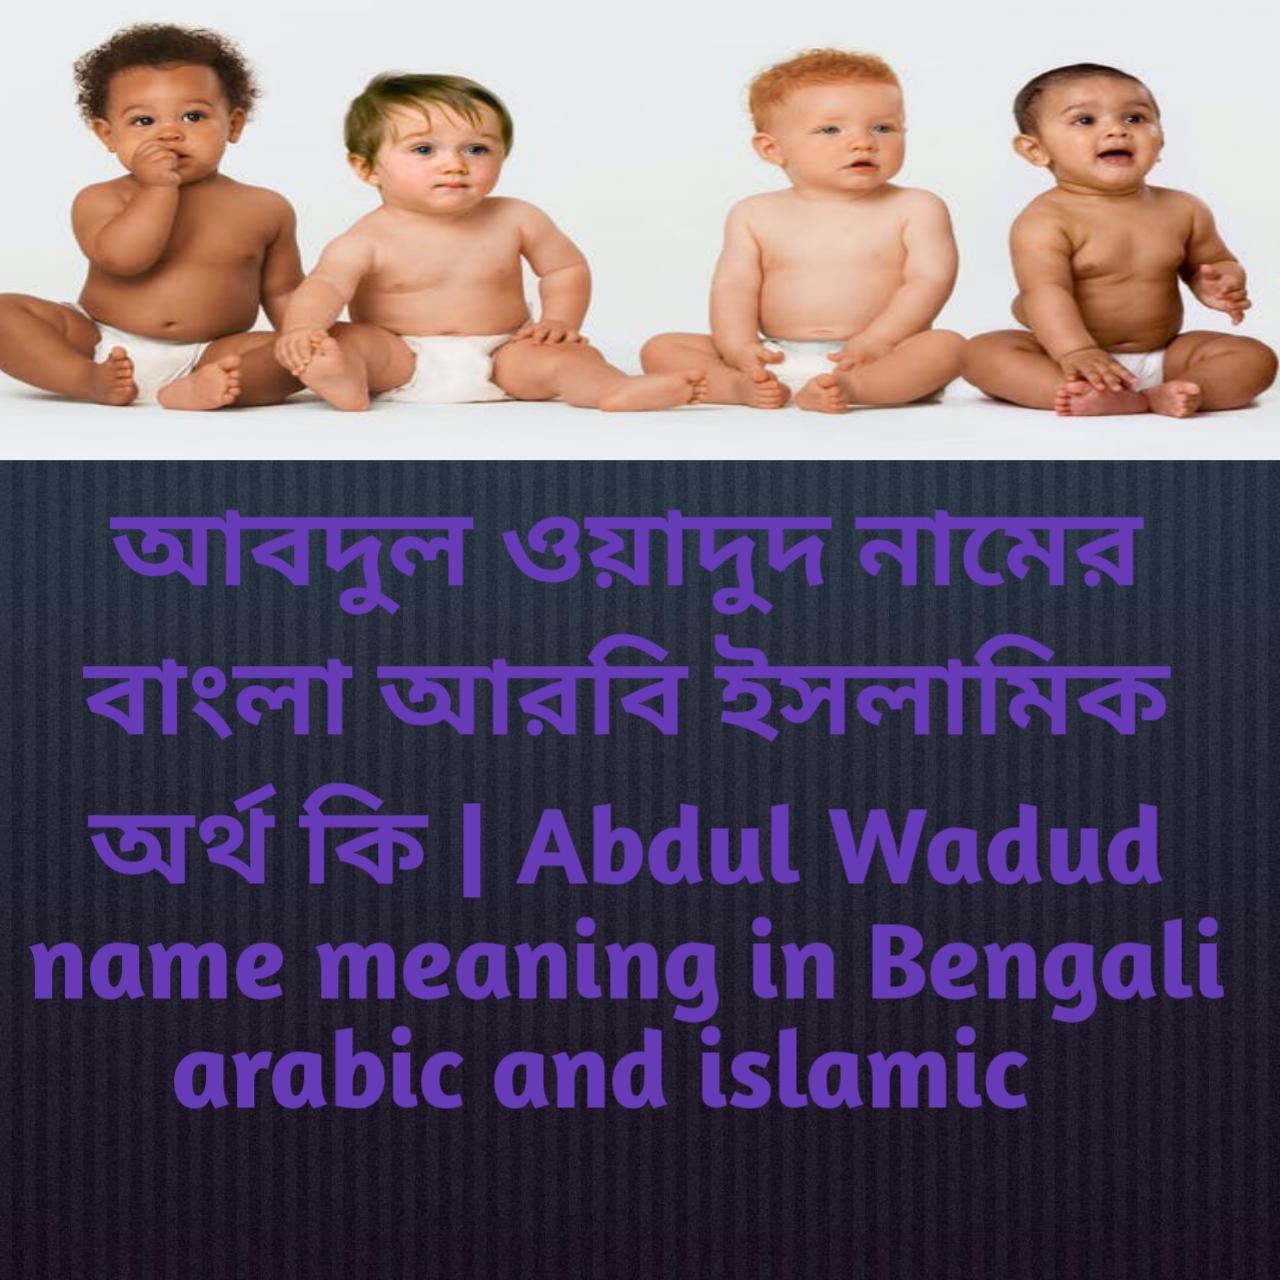 আবদুল ওয়াদুদ নামের অর্থ কি, আবদুল ওয়াদুদ নামের বাংলা অর্থ কি, আবদুল ওয়াদুদ নামের ইসলামিক অর্থ কি, Abdul Wadud name meaning in Bengali, আবদুল ওয়াদুদ কি ইসলামিক নাম,